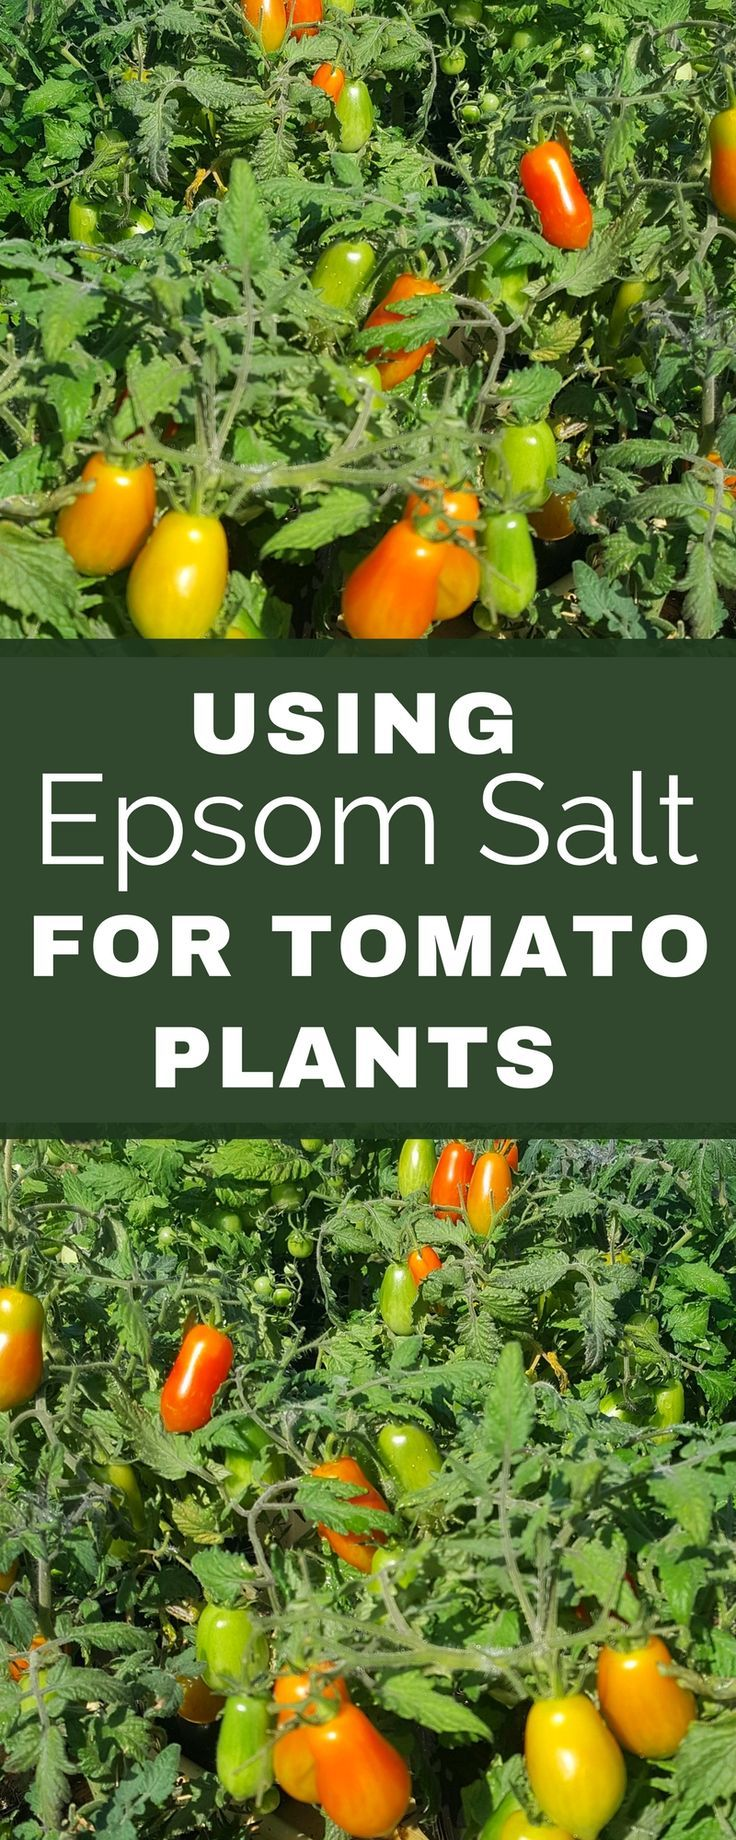 Growing tomatoes. Backyard vegetable garden. Using Epsom salt for tomato plants.